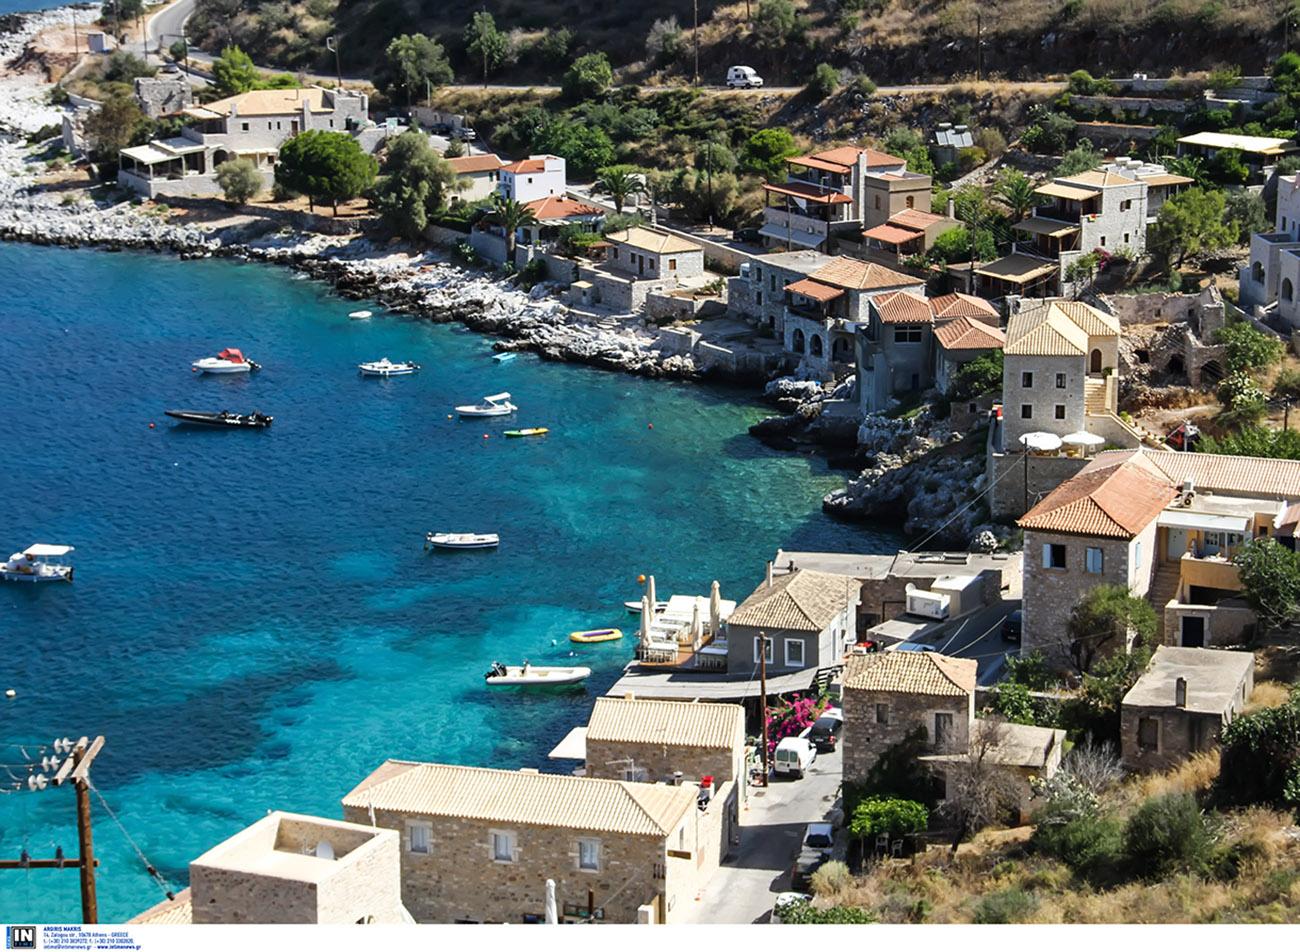 Διακοπές στη Μάνη: Το πετρόχτιστο Λιμένι υπόσχεται ένα μαγικό ταξίδι στο χρόνο